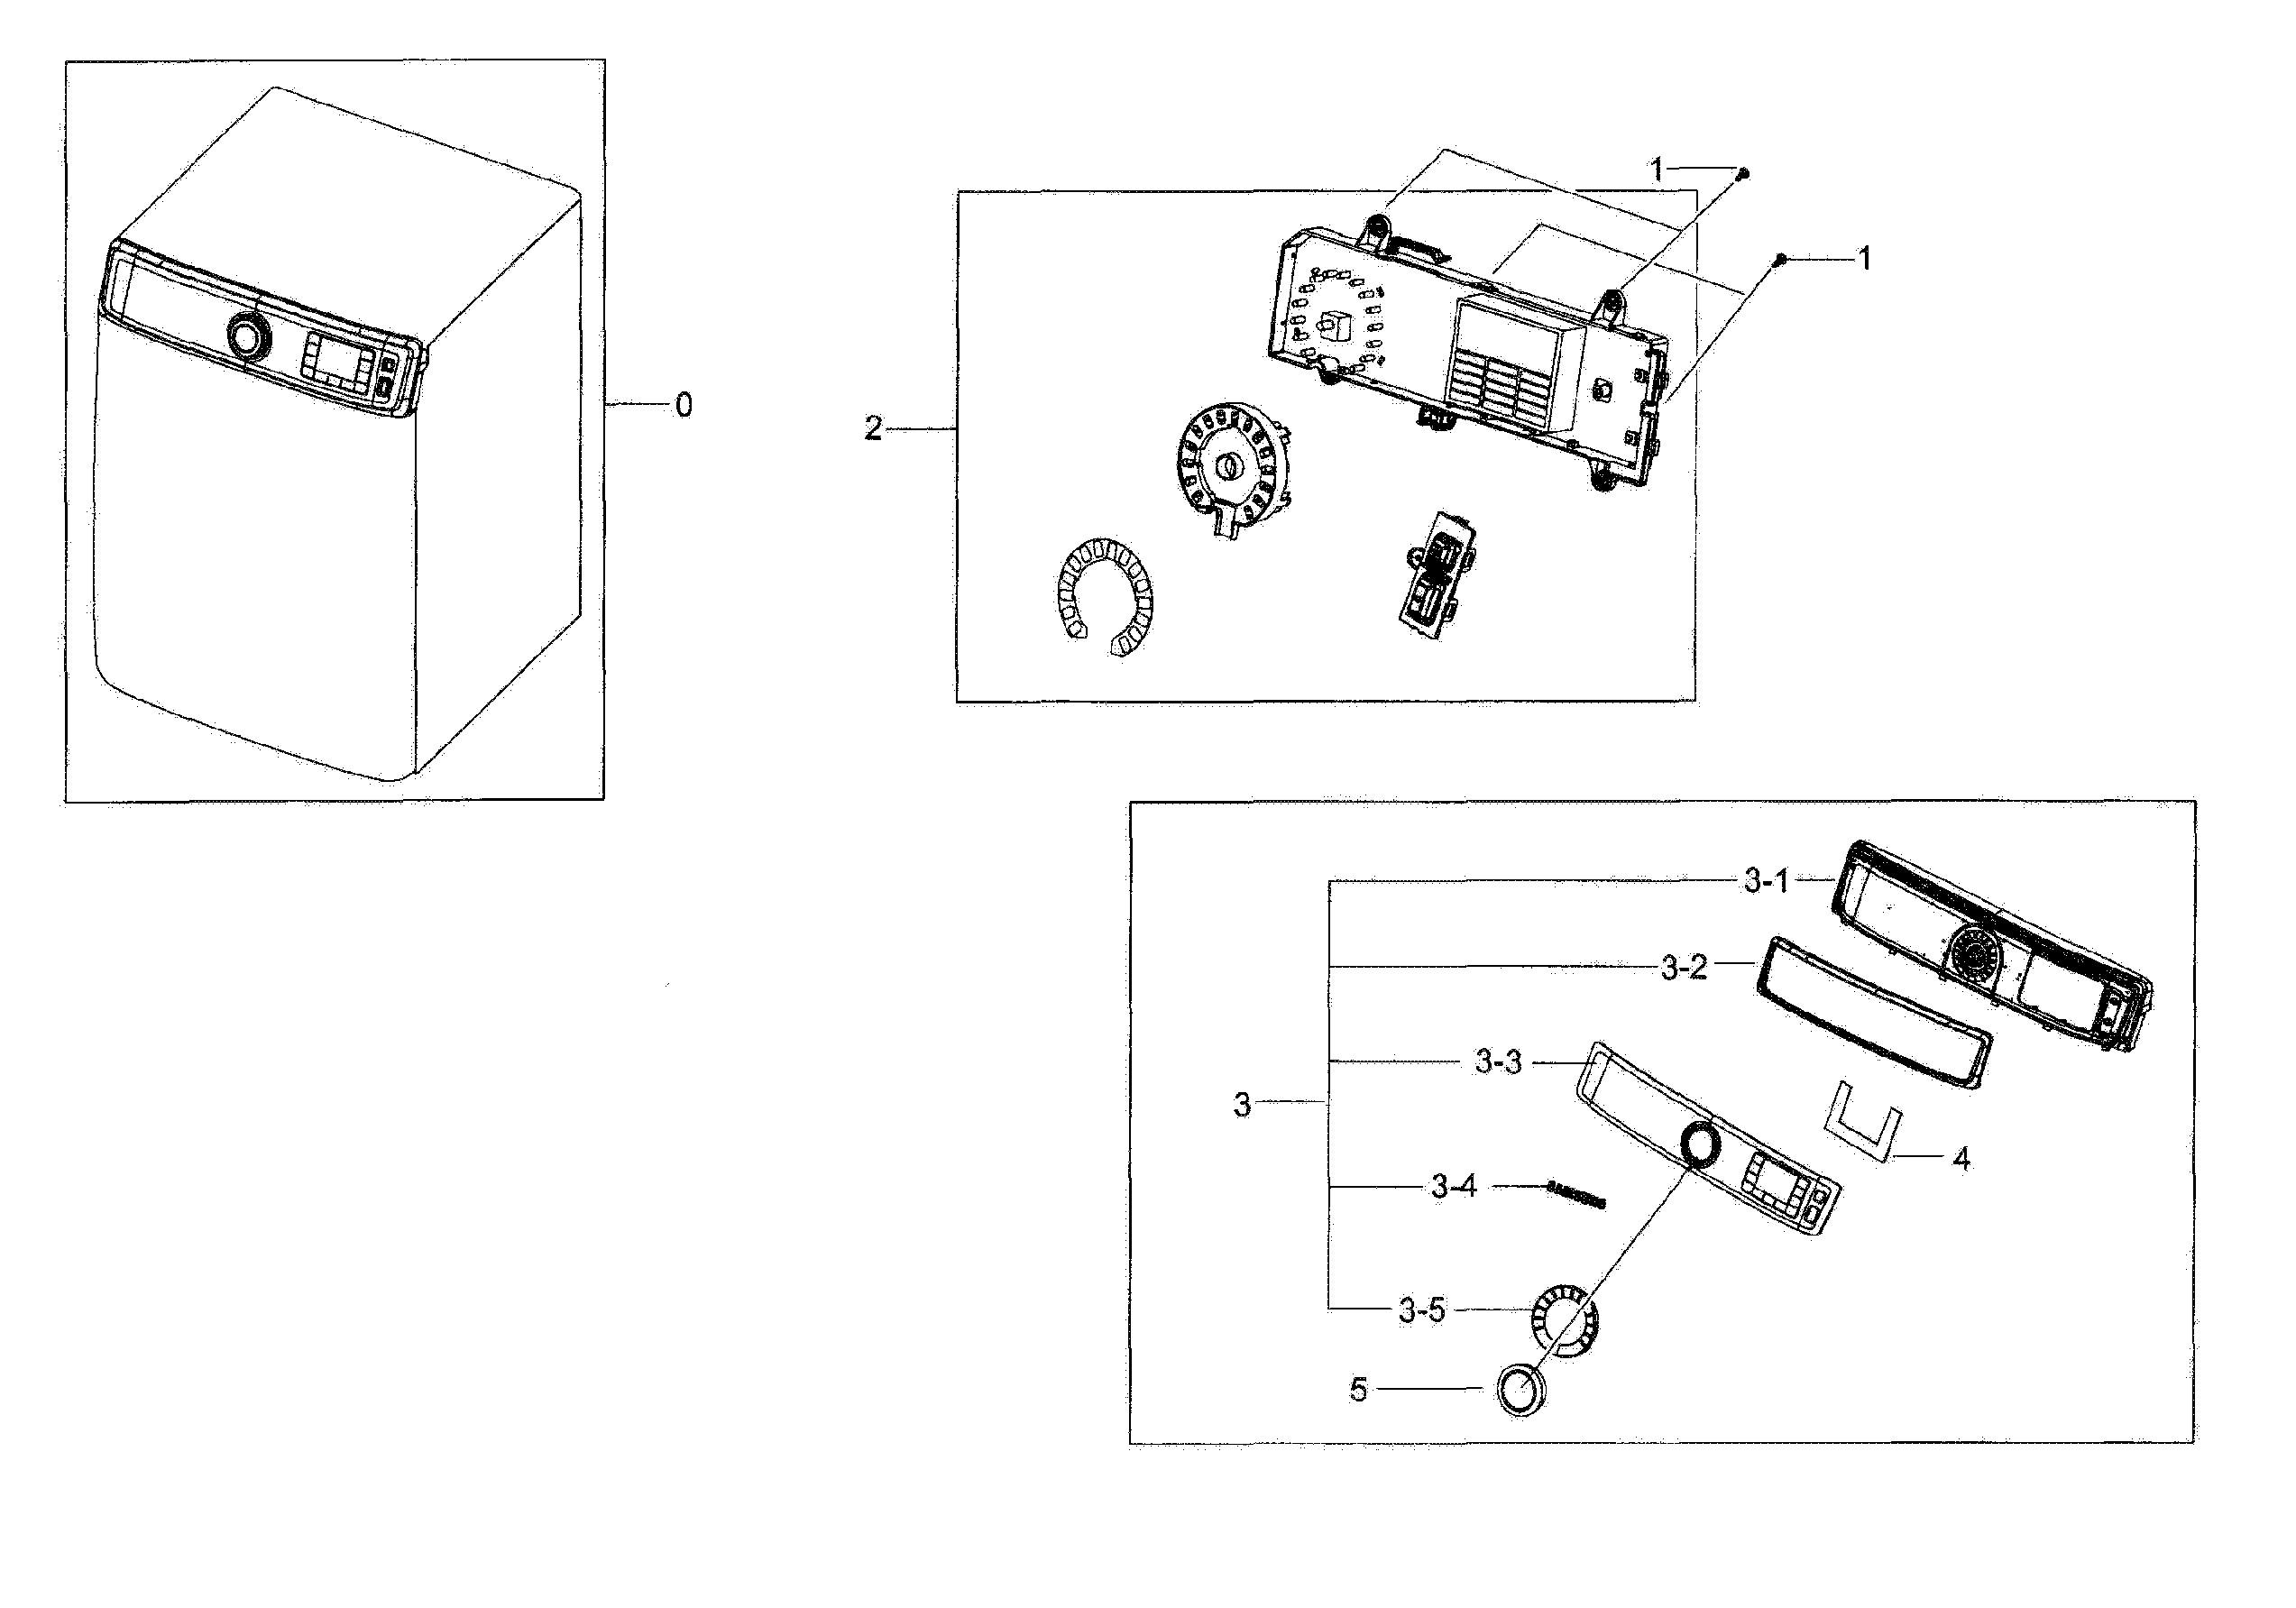 Dyson Dc25 Animal Parts Diagram Dyson Dc41 Parts Diagram